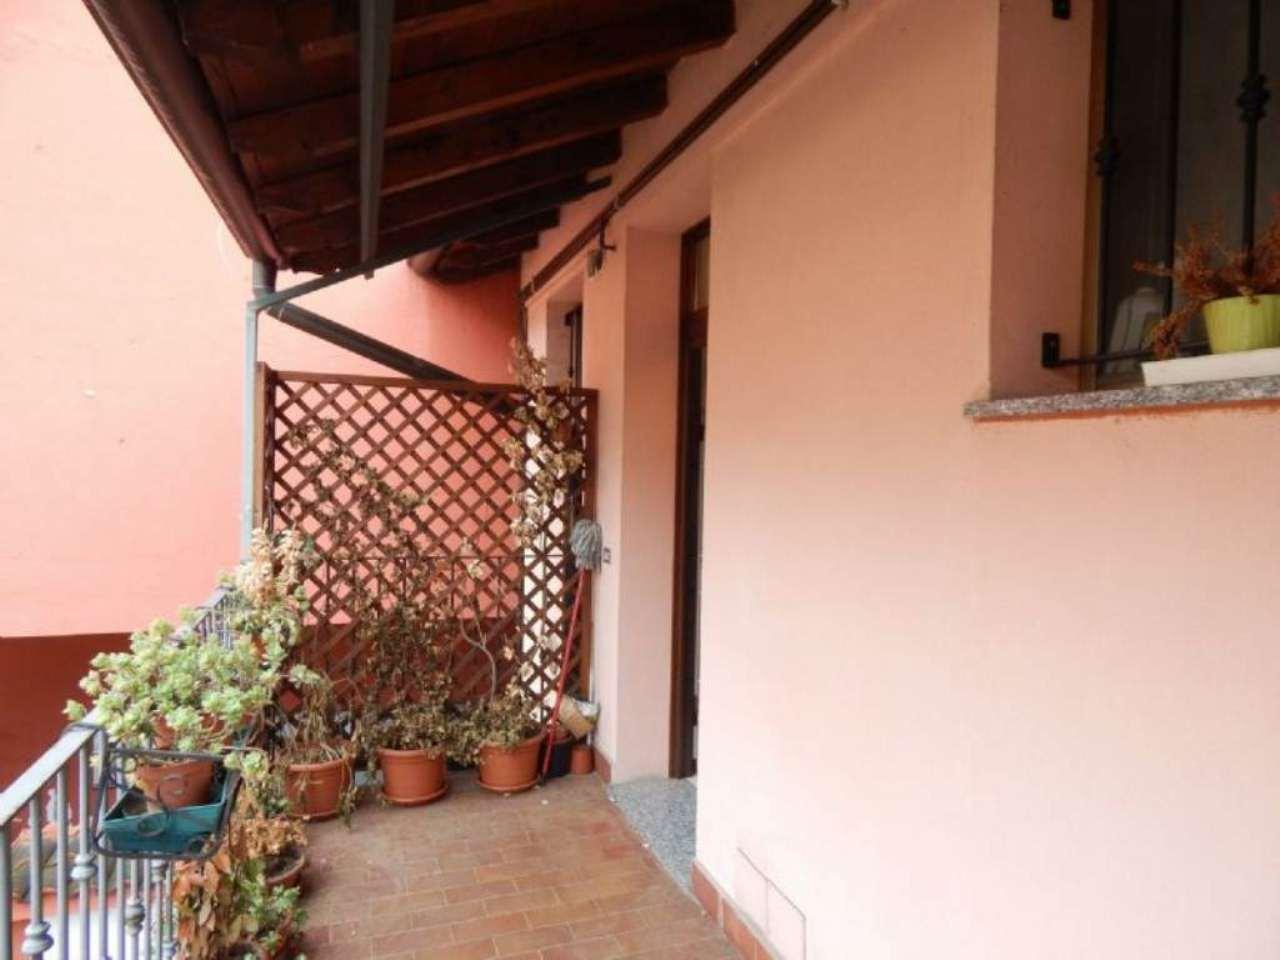 Appartamento in vendita a Treviglio, 1 locali, prezzo € 62.000 | Cambio Casa.it